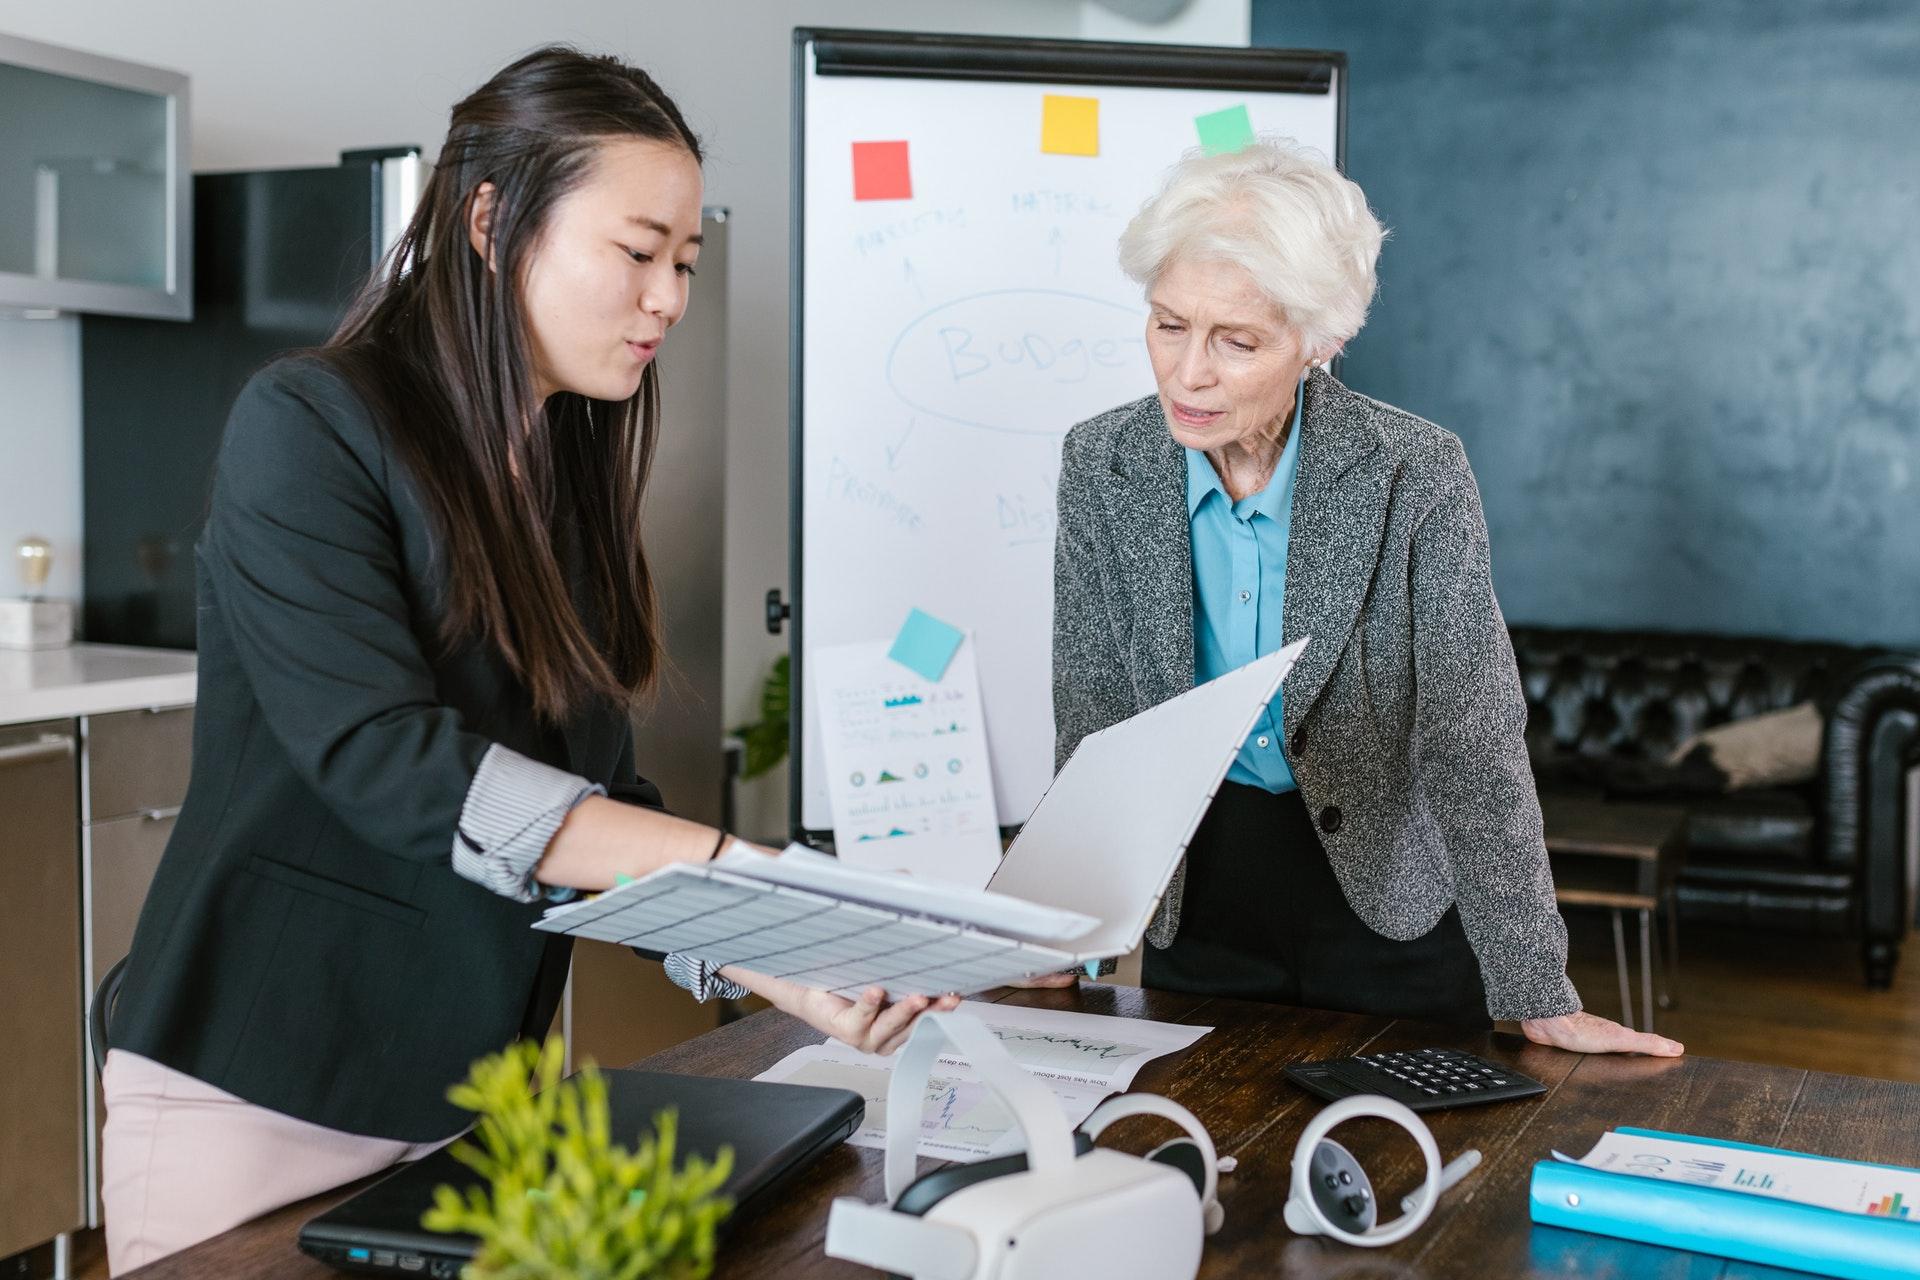 Vemos duas mulheres conversando; uma delas aponta para um documento em mão enquanto a outra o analisa (imagem ilustrativa).